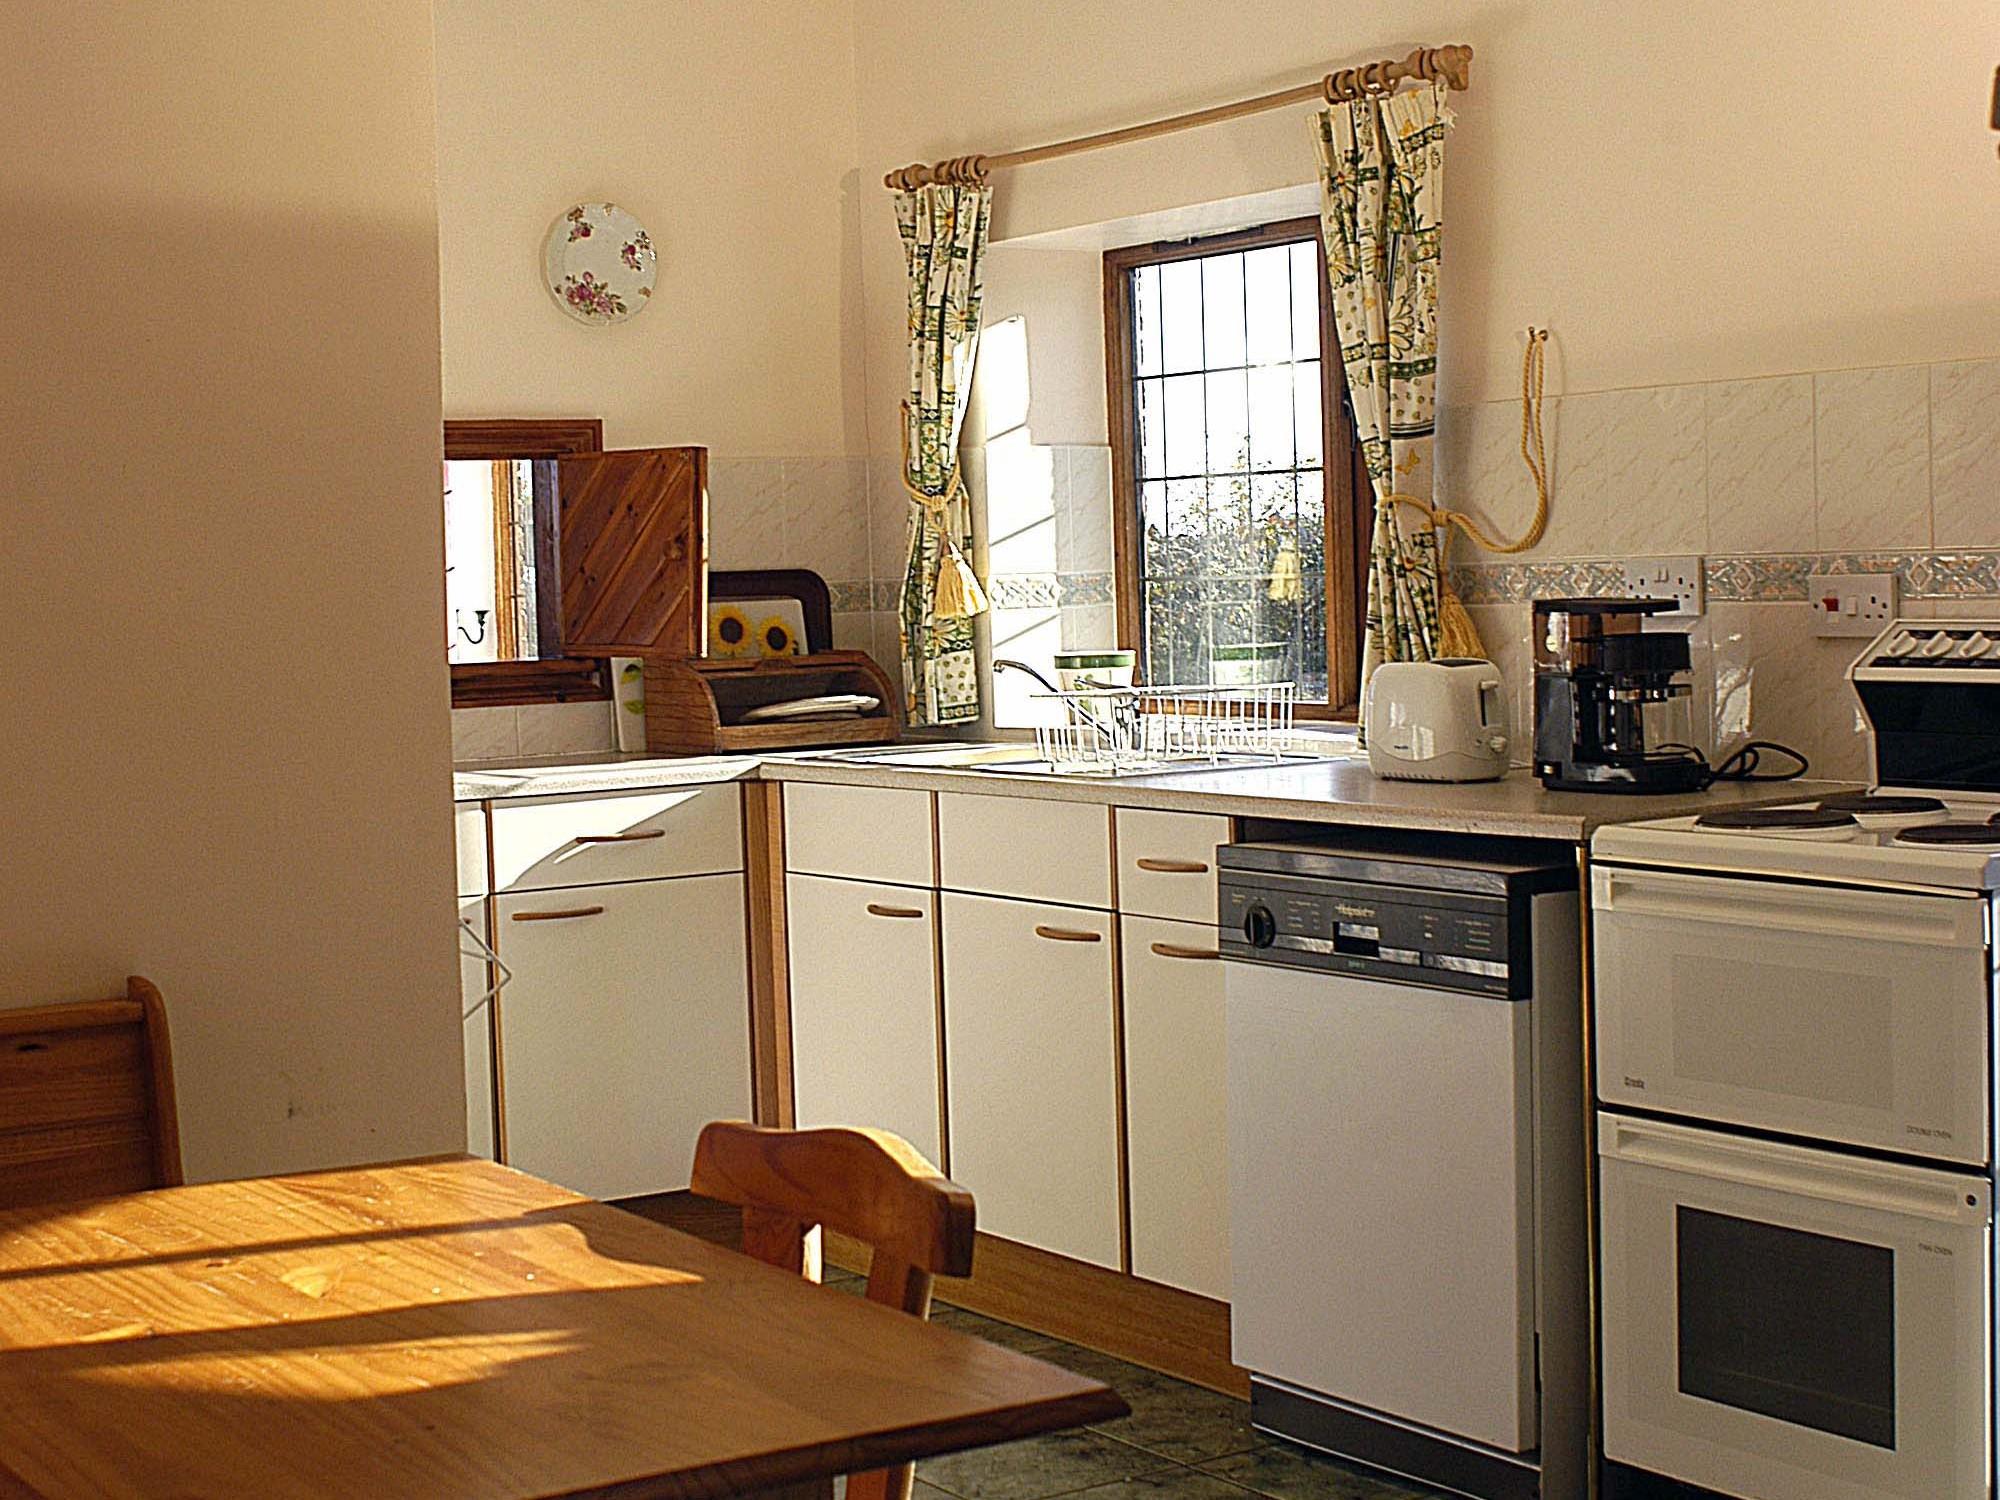 Mounts View kitchen